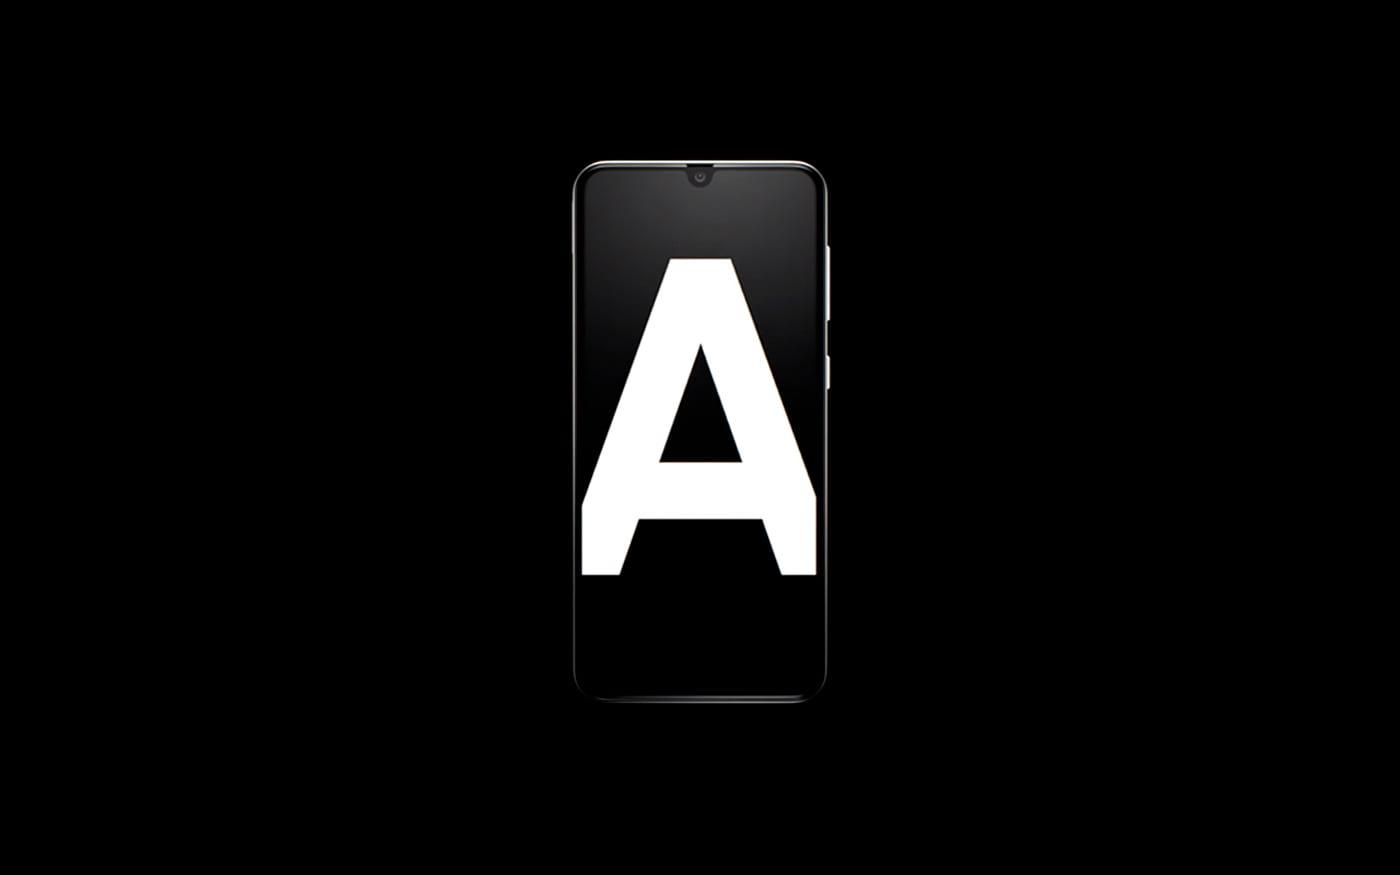 Série Galaxy A da Samsung em 2020 já deve chegar com Android 10